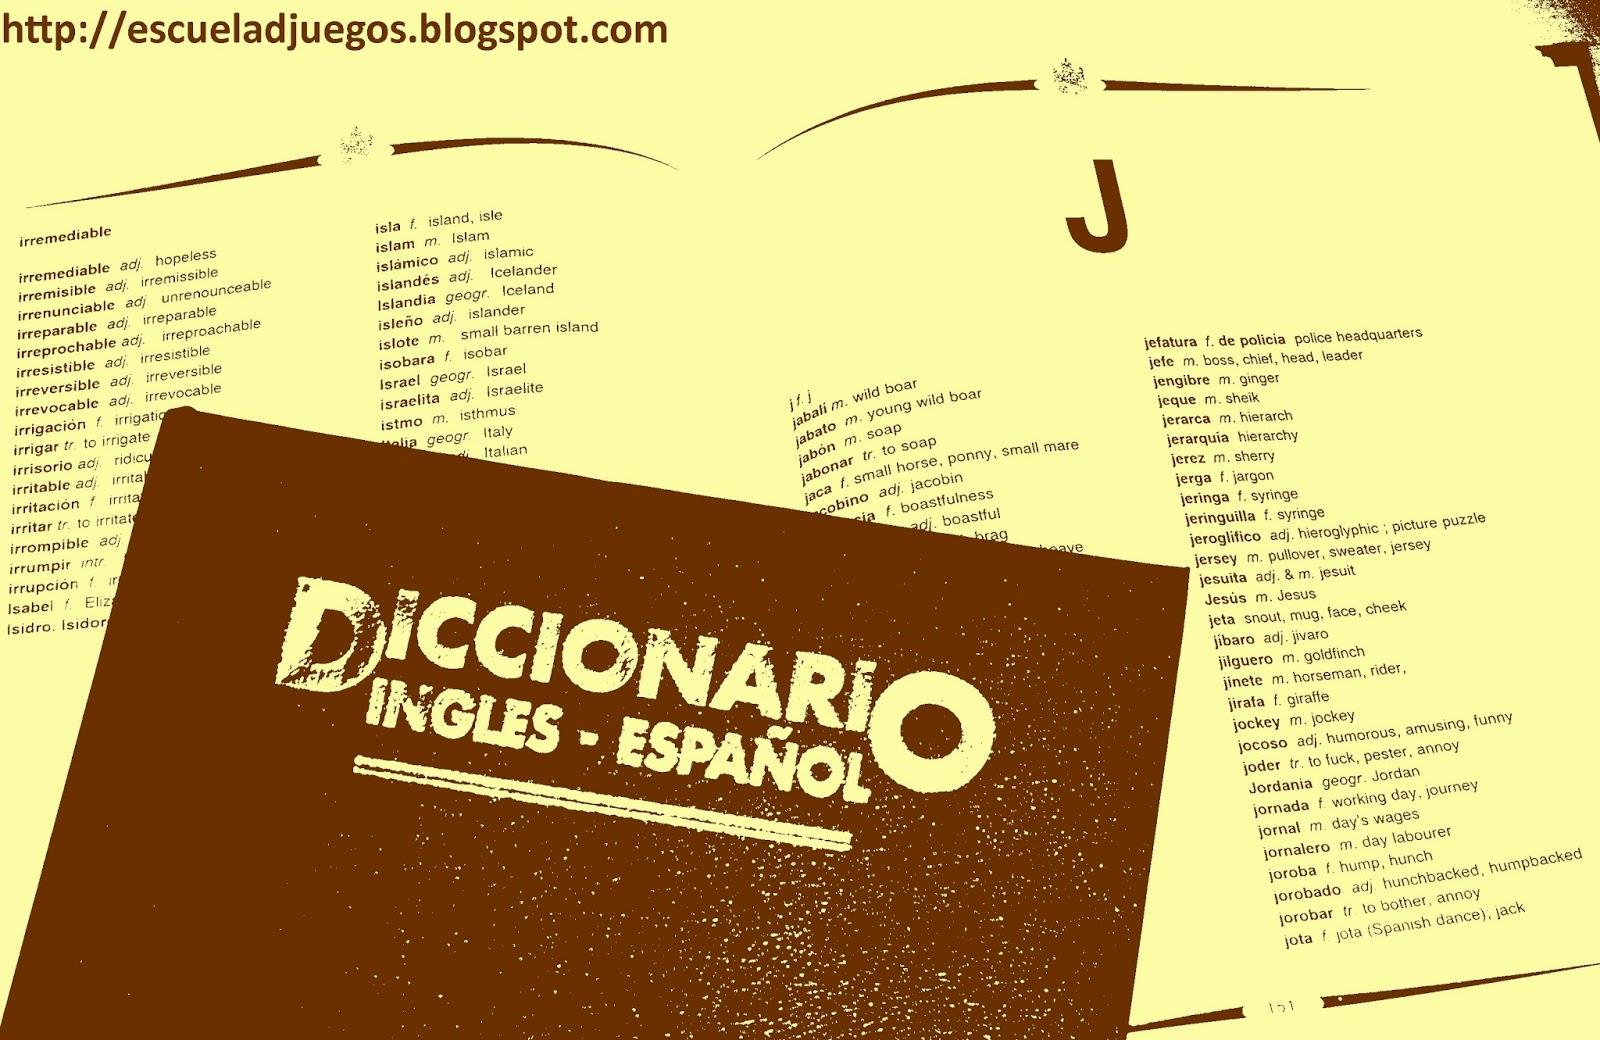 Traducción al español de reglas de juegos de mesa y otros materiales, realizadas a partir del inglés por los componentes del blog Escuela de juegos.